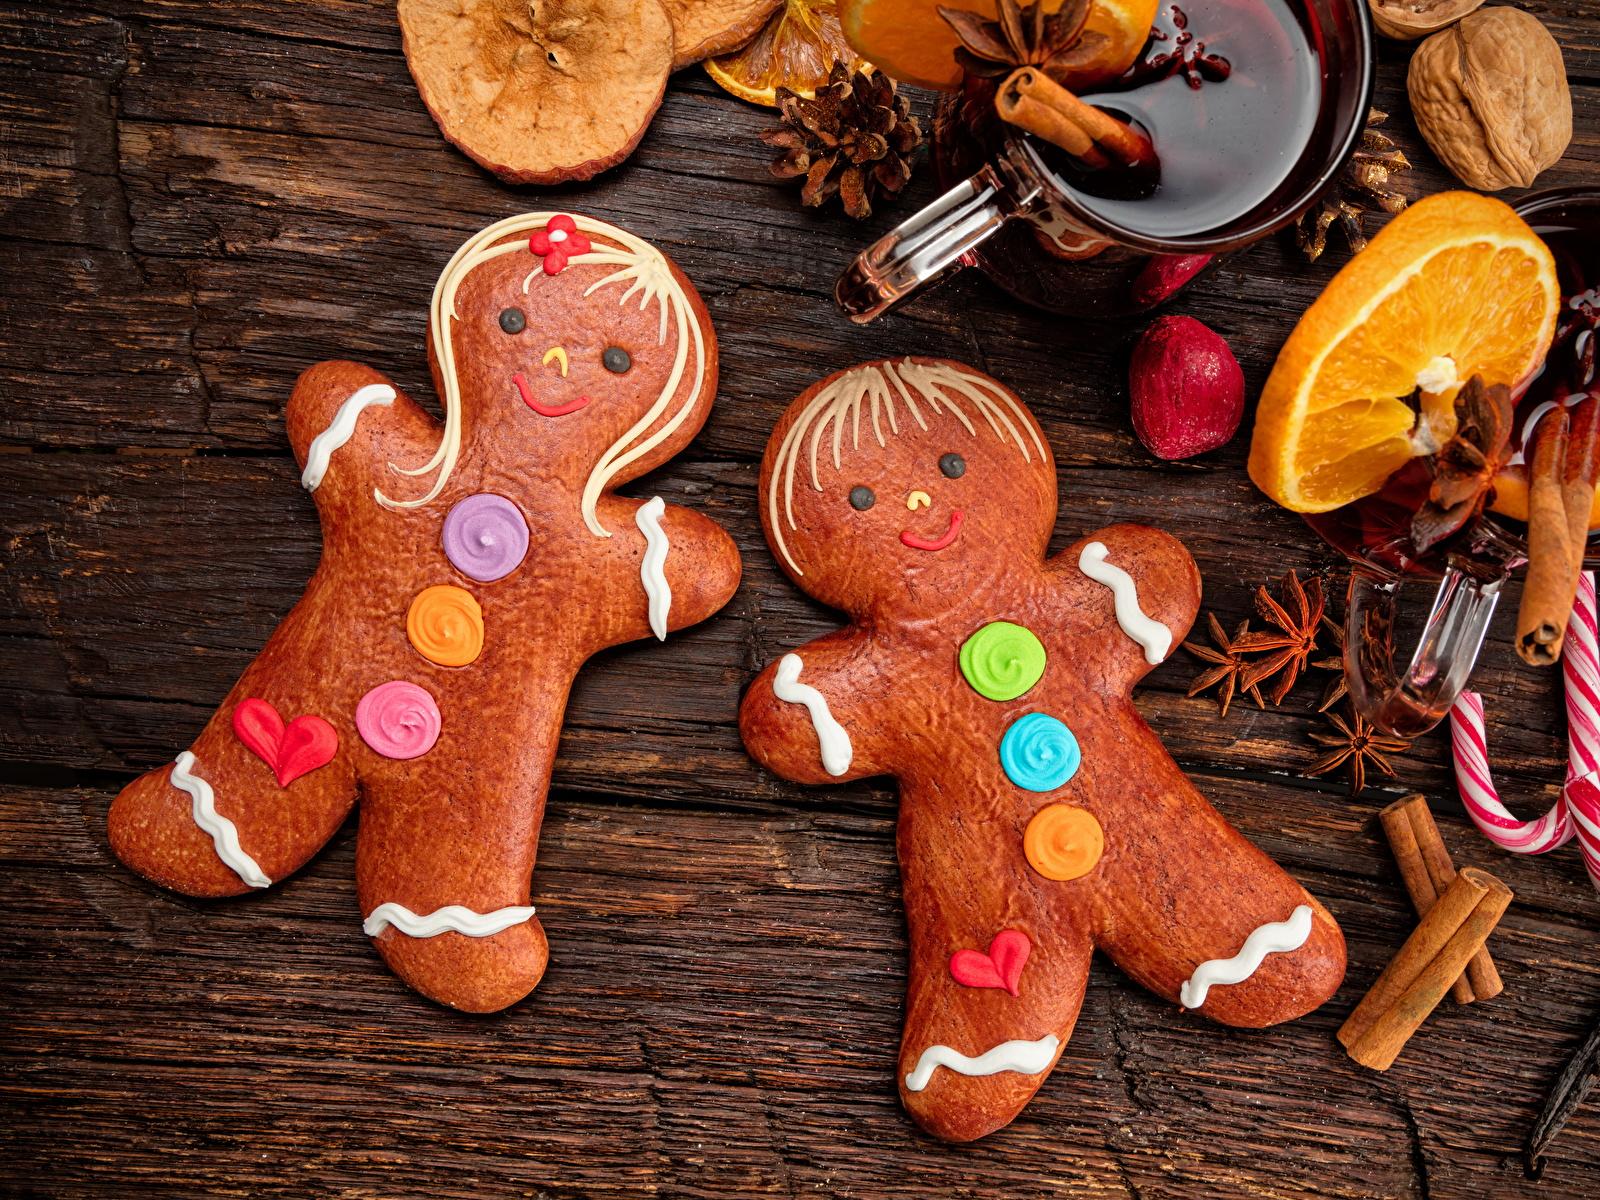 Фото Рождество Бадьян звезда аниса Корица Еда Печенье сладкая еда дизайна 1600x1200 Новый год Пища Продукты питания Сладости Дизайн